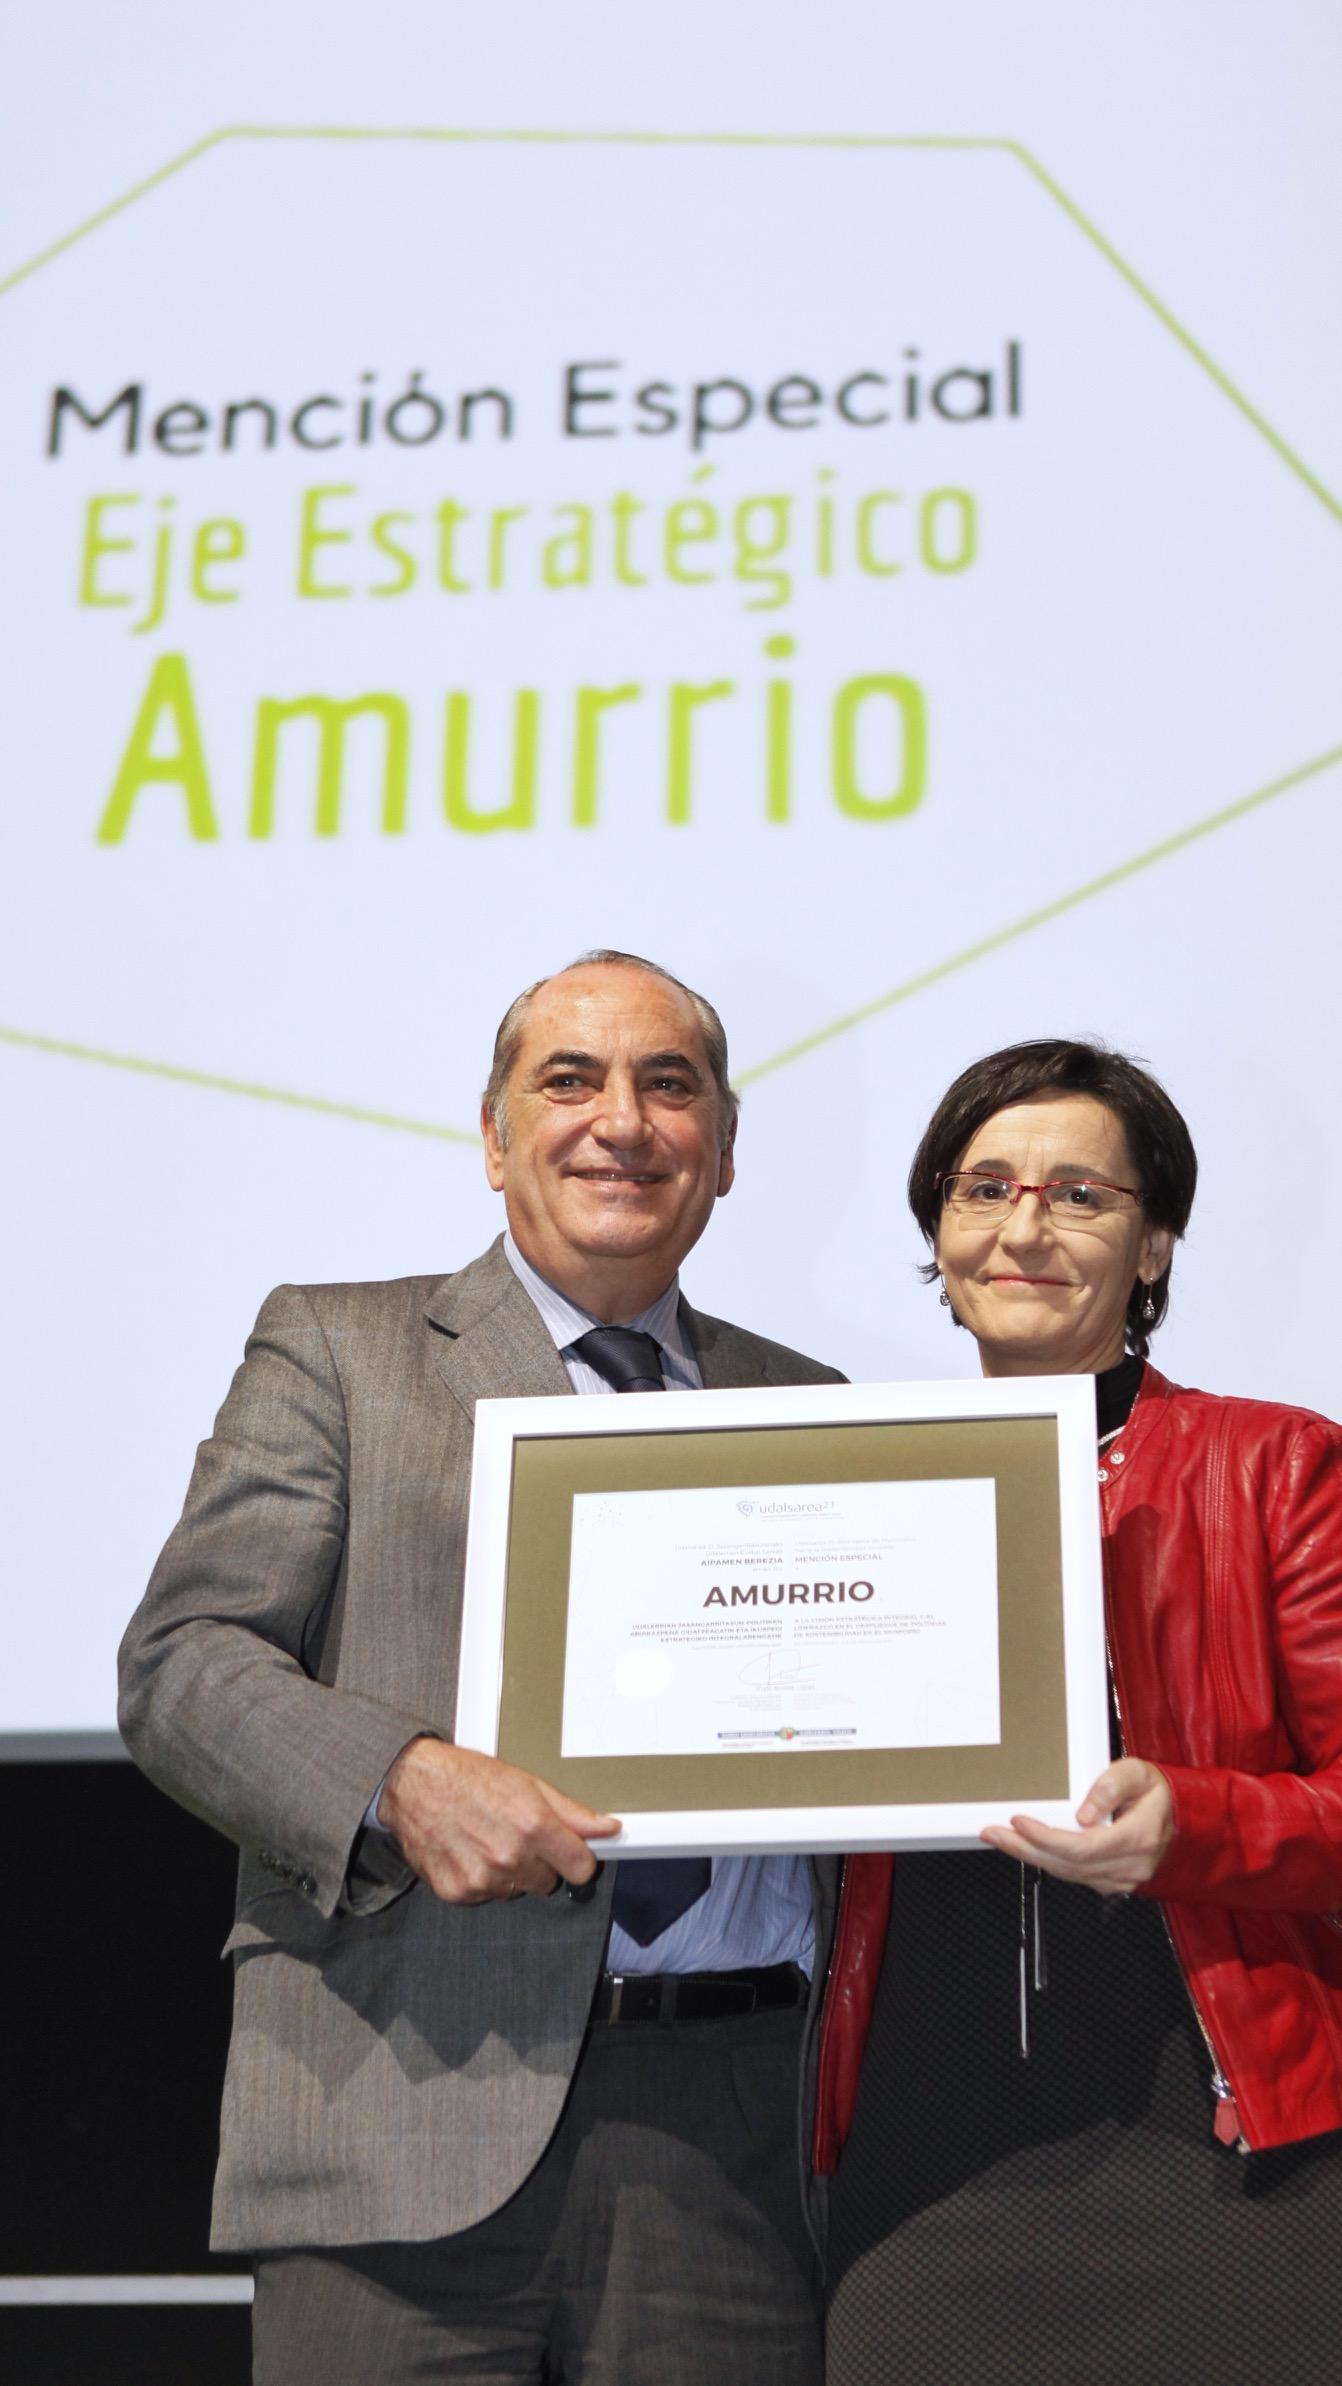 mencion_amurrio.jpg